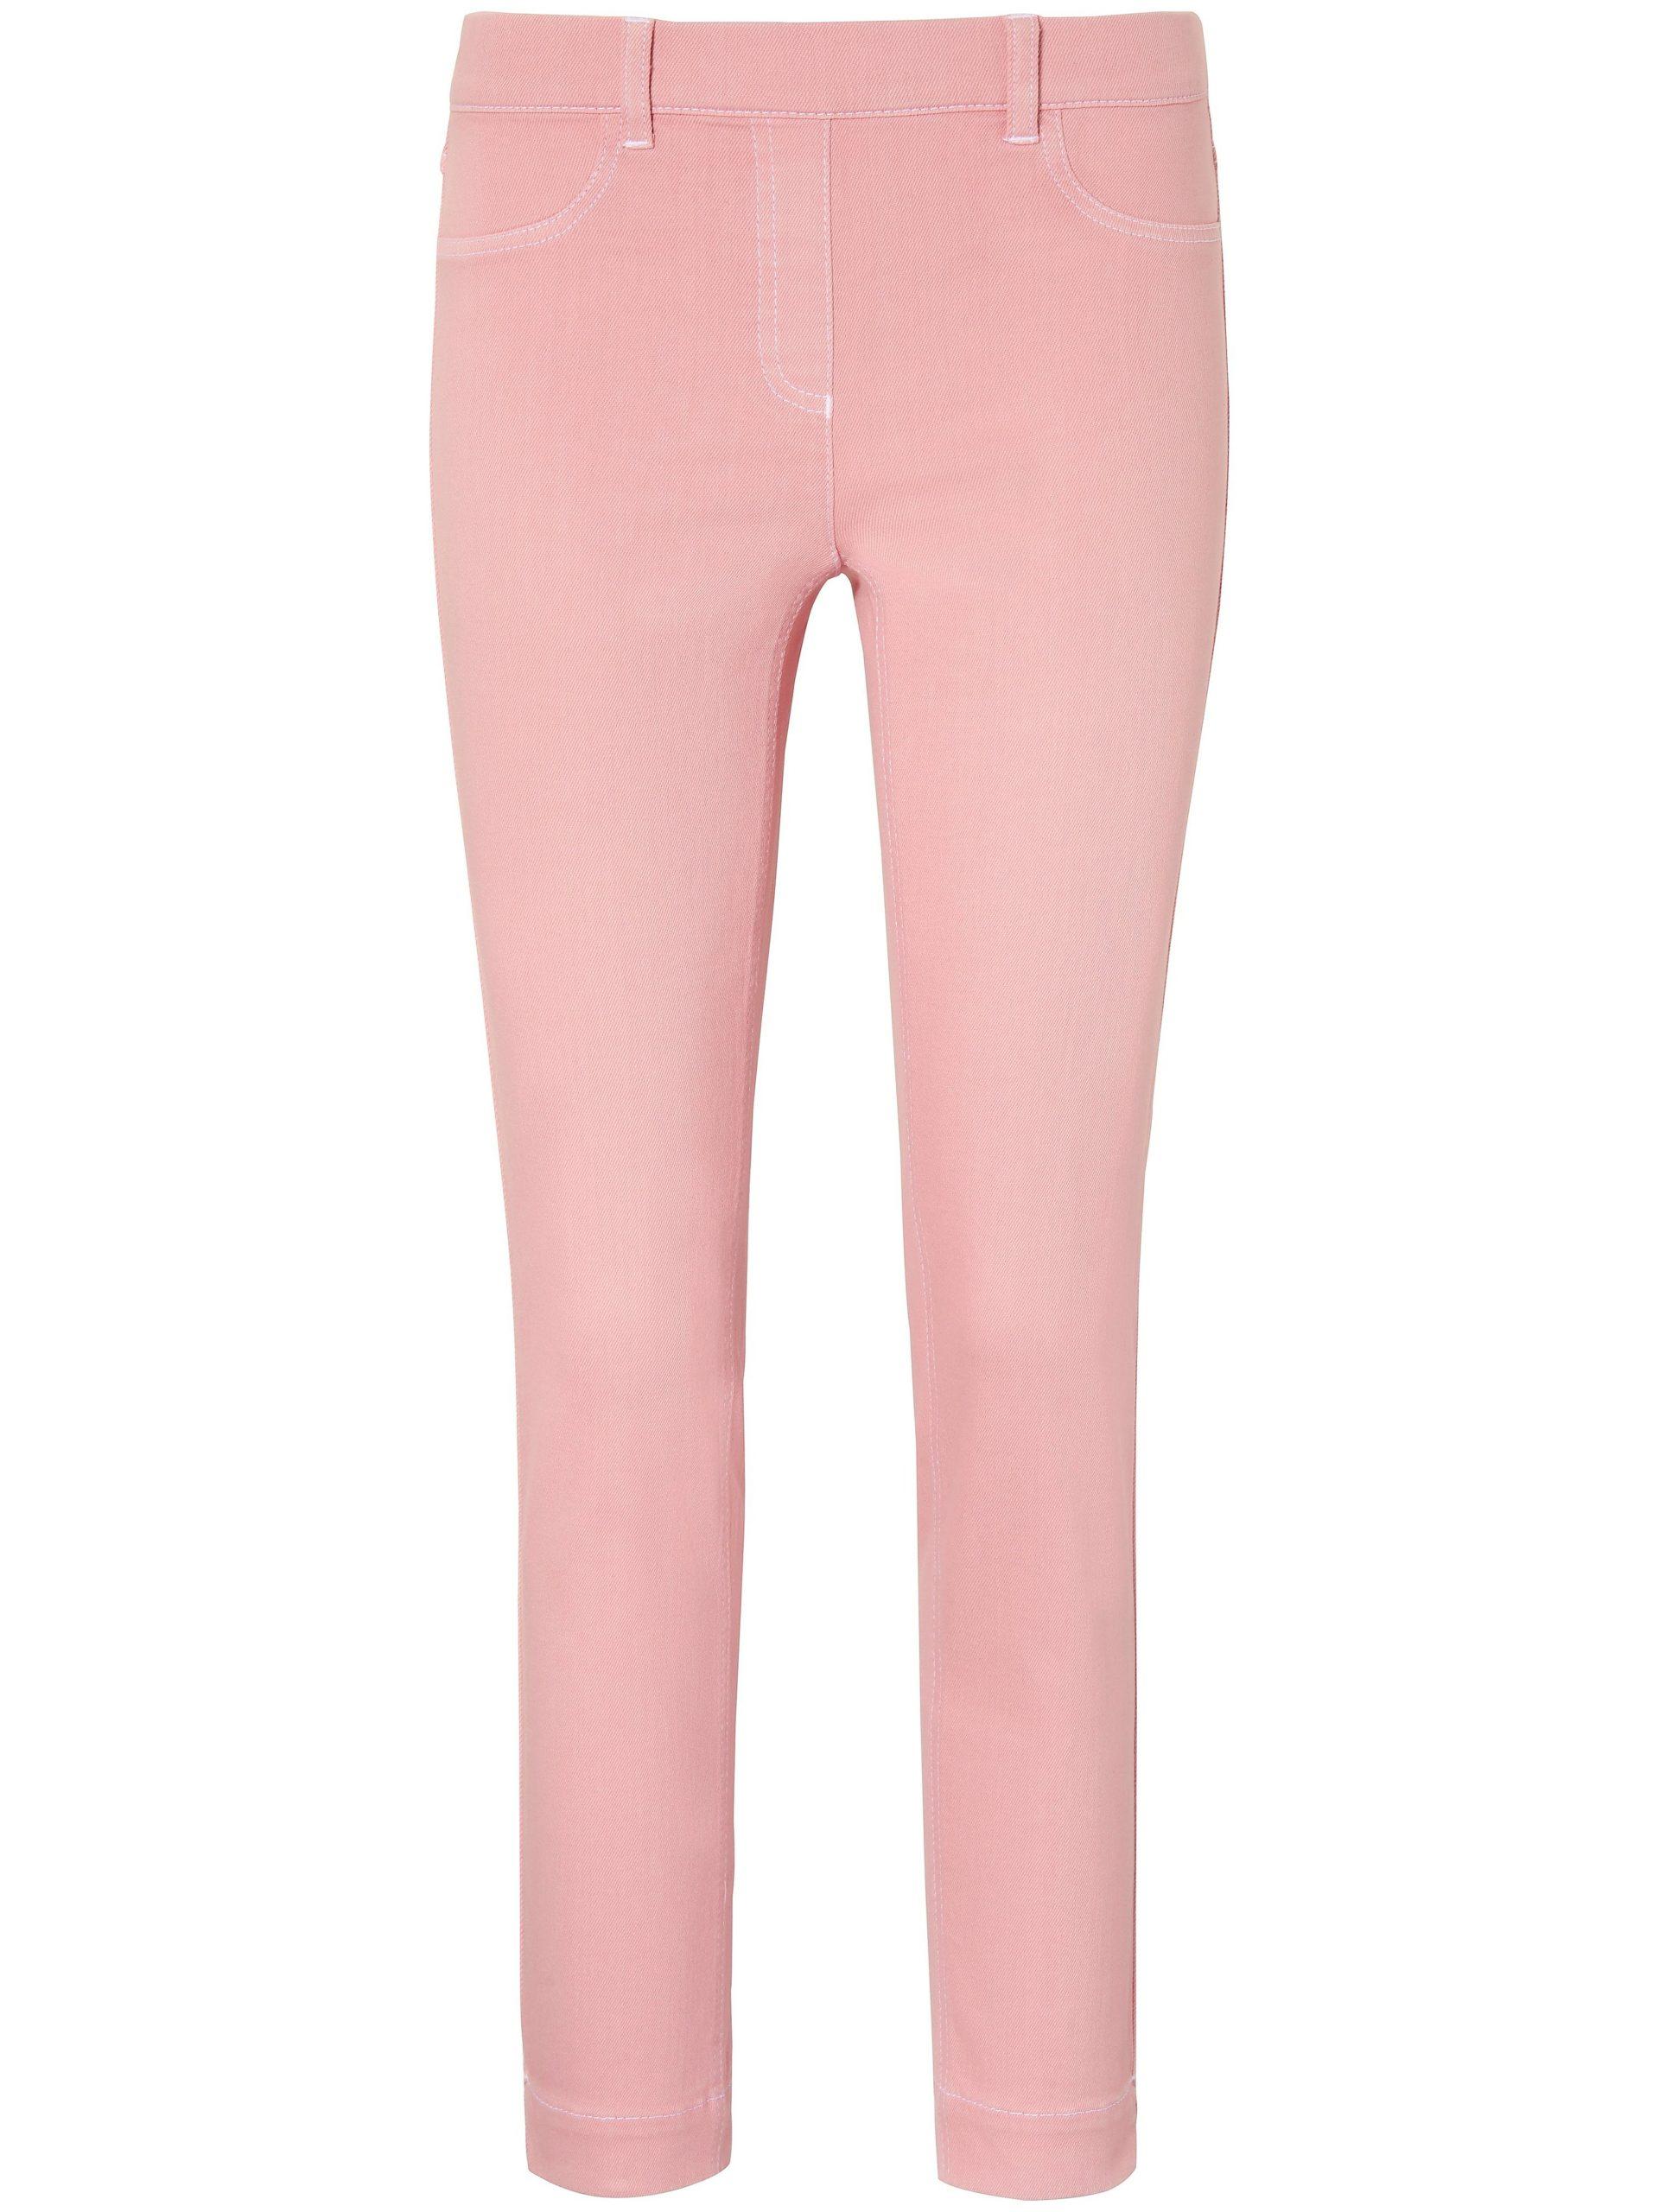 Enkellange jeans pasvorm Sylvia met ritssluiting Van Peter Hahn lichtroze Kopen